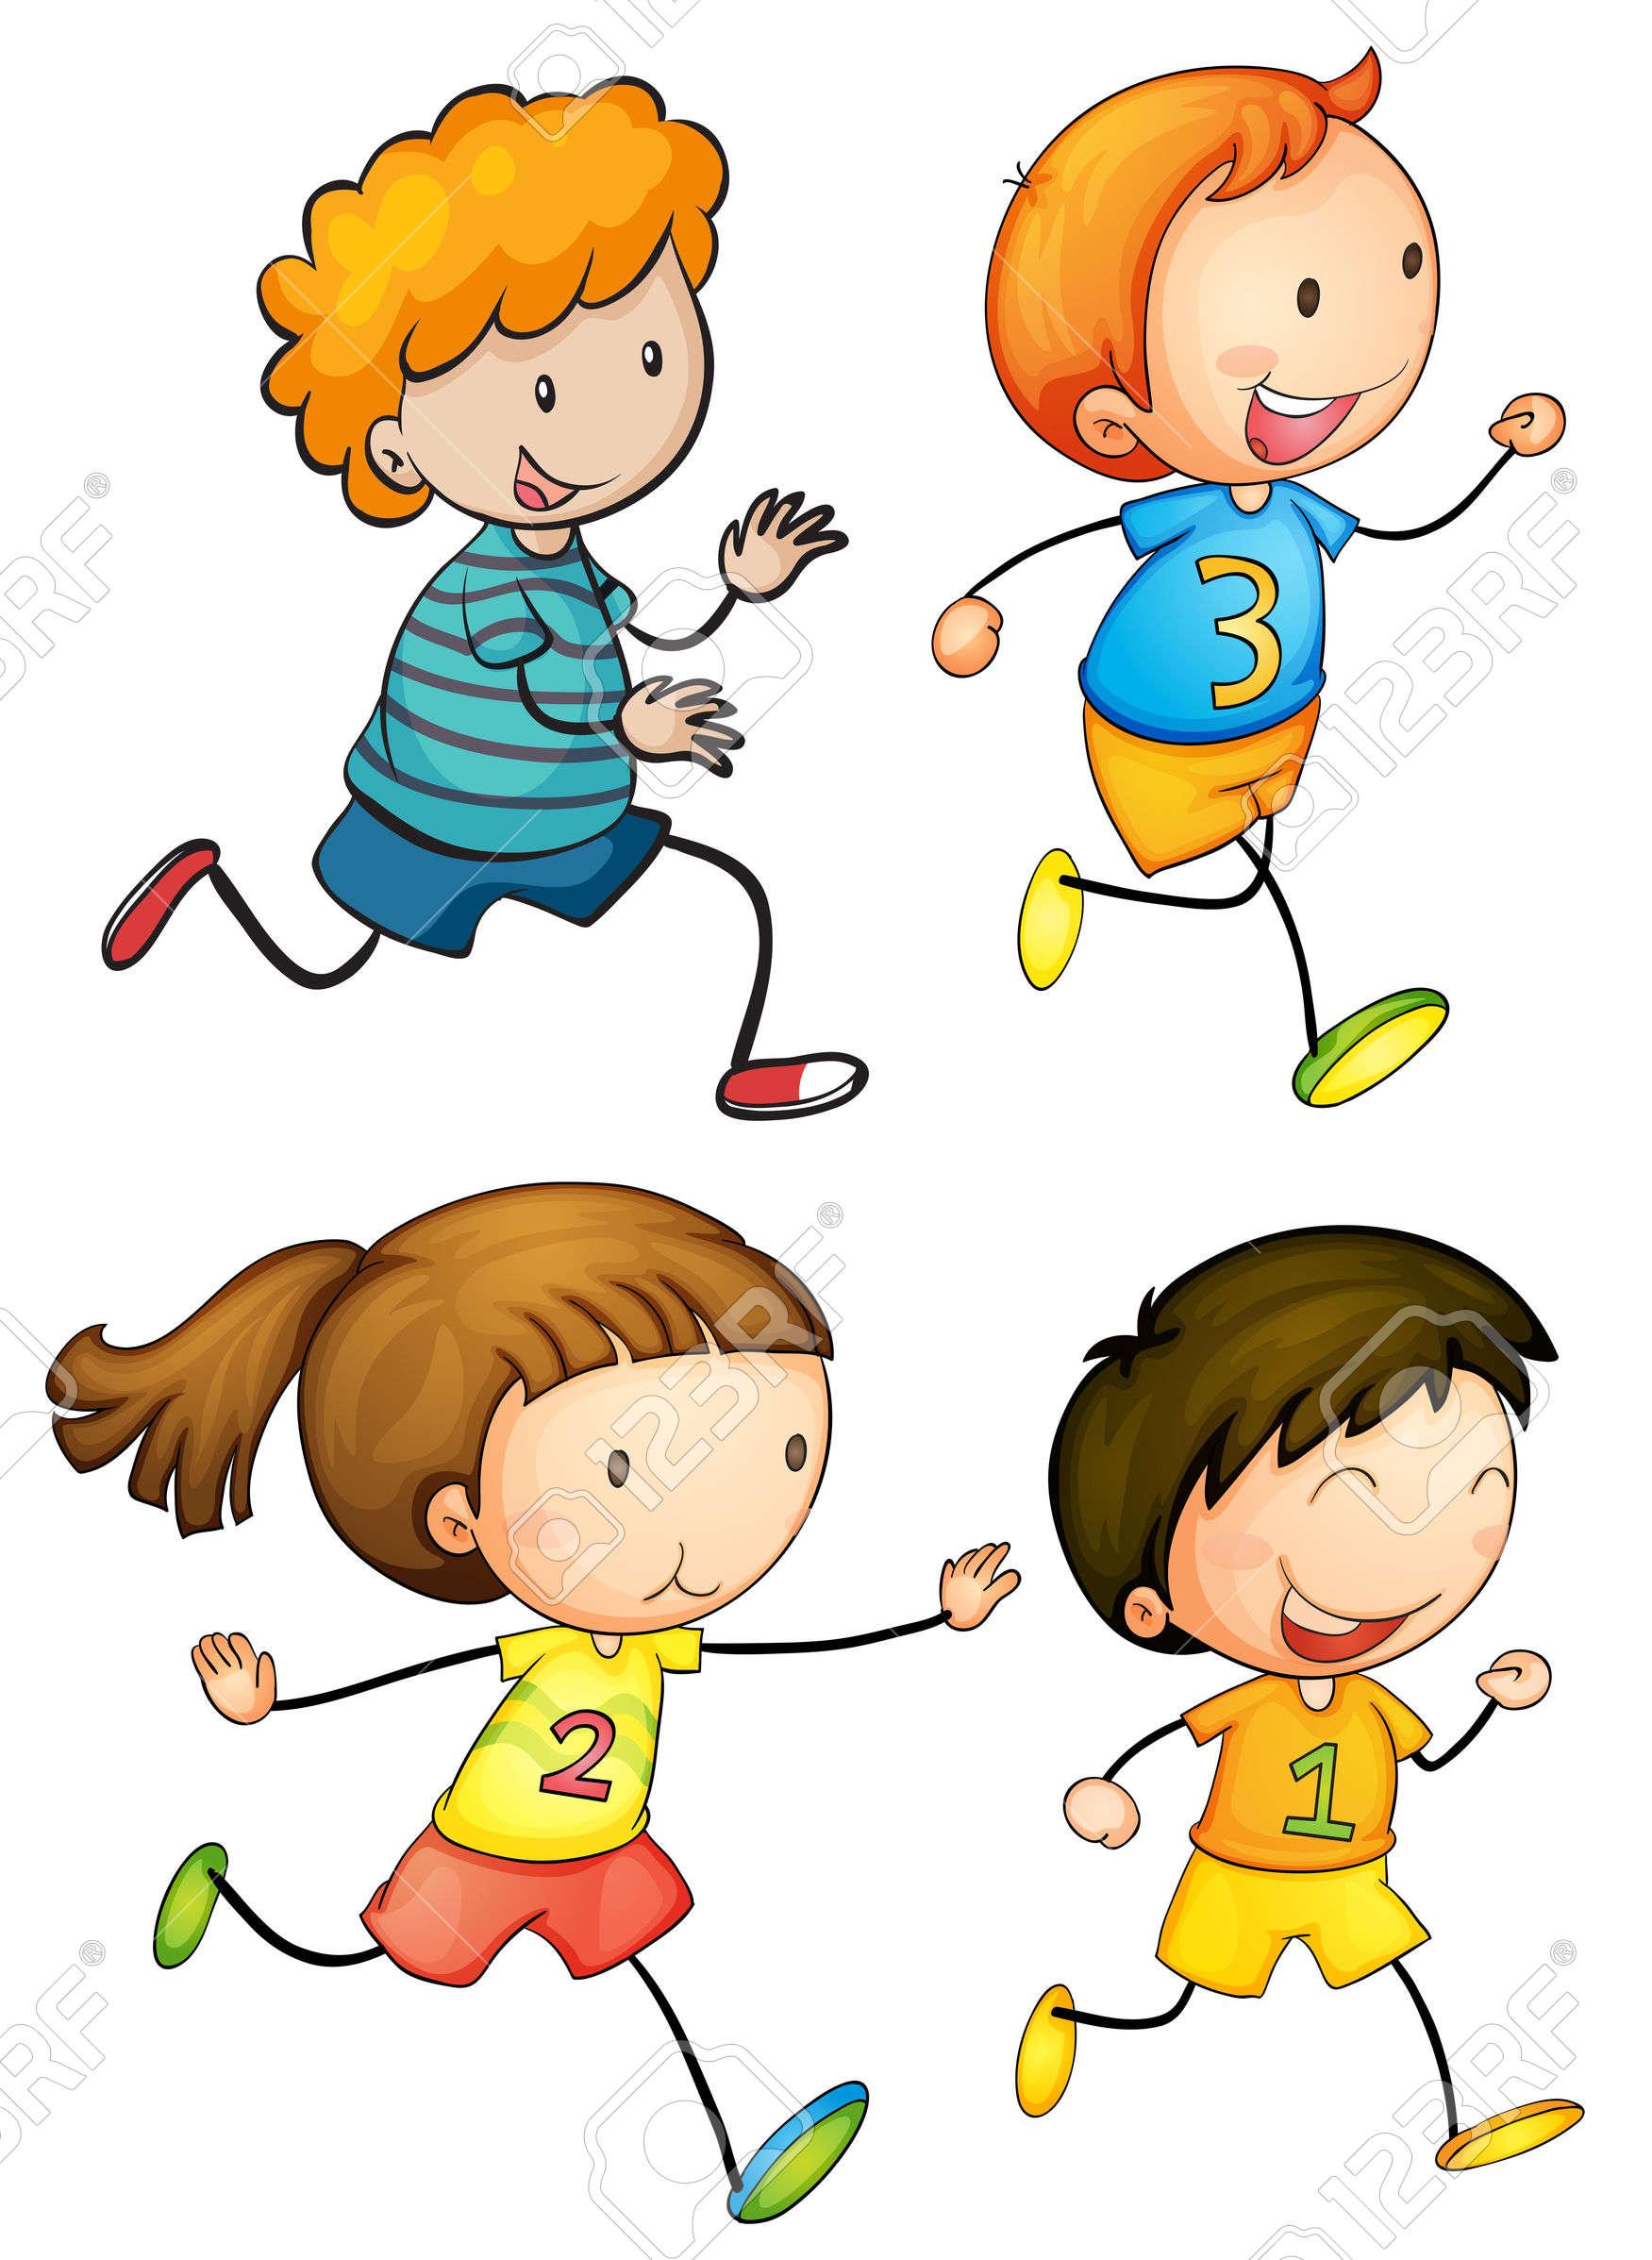 Cartoon kid running